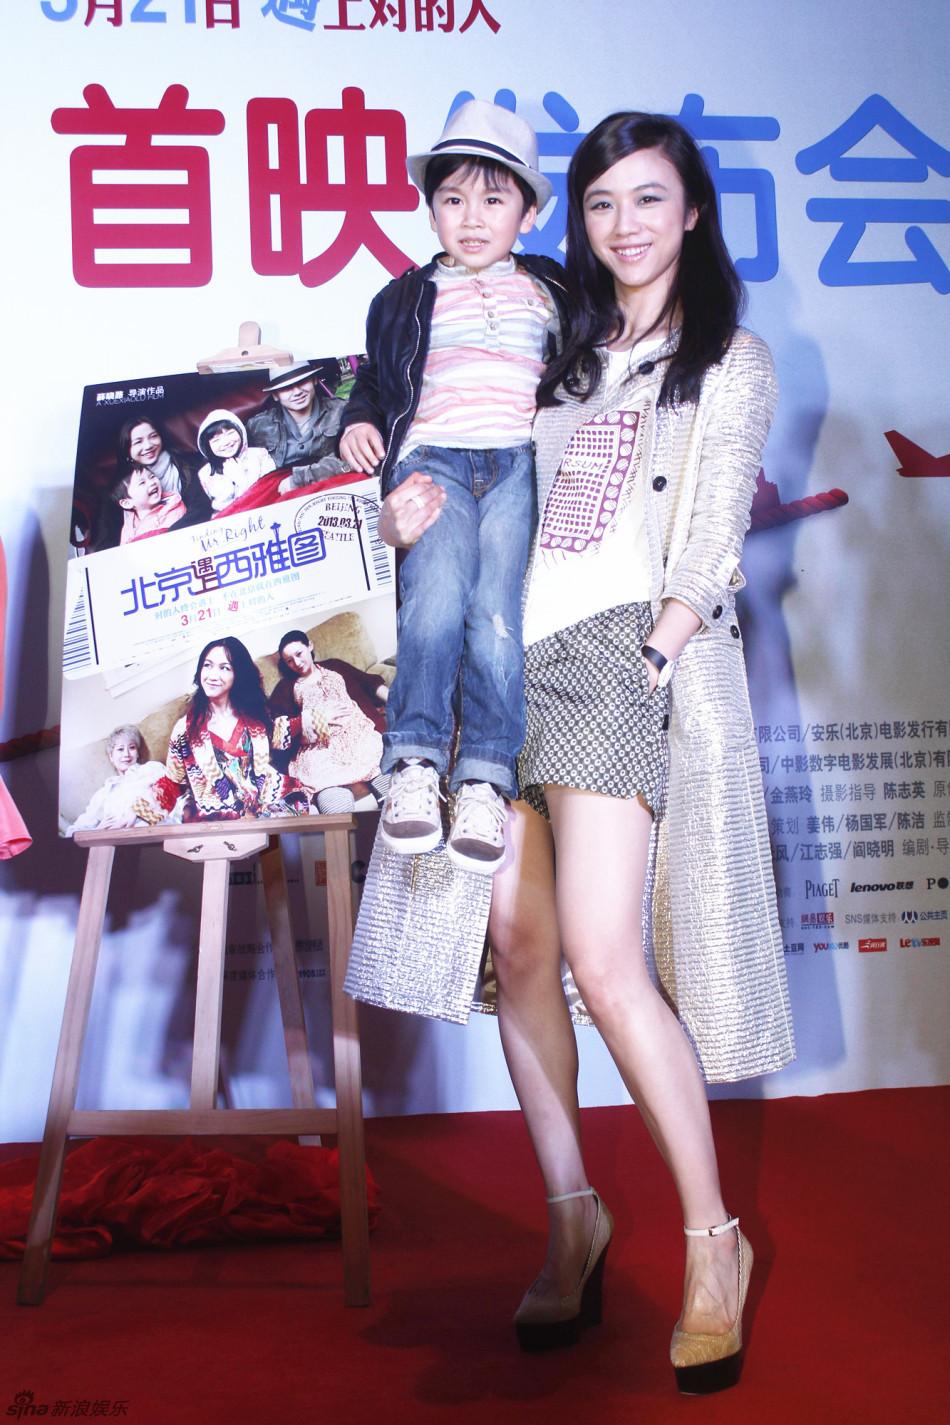 http://www.sinaimg.cn/dy/slidenews/4_img/2013_11/704_913222_256745.jpg